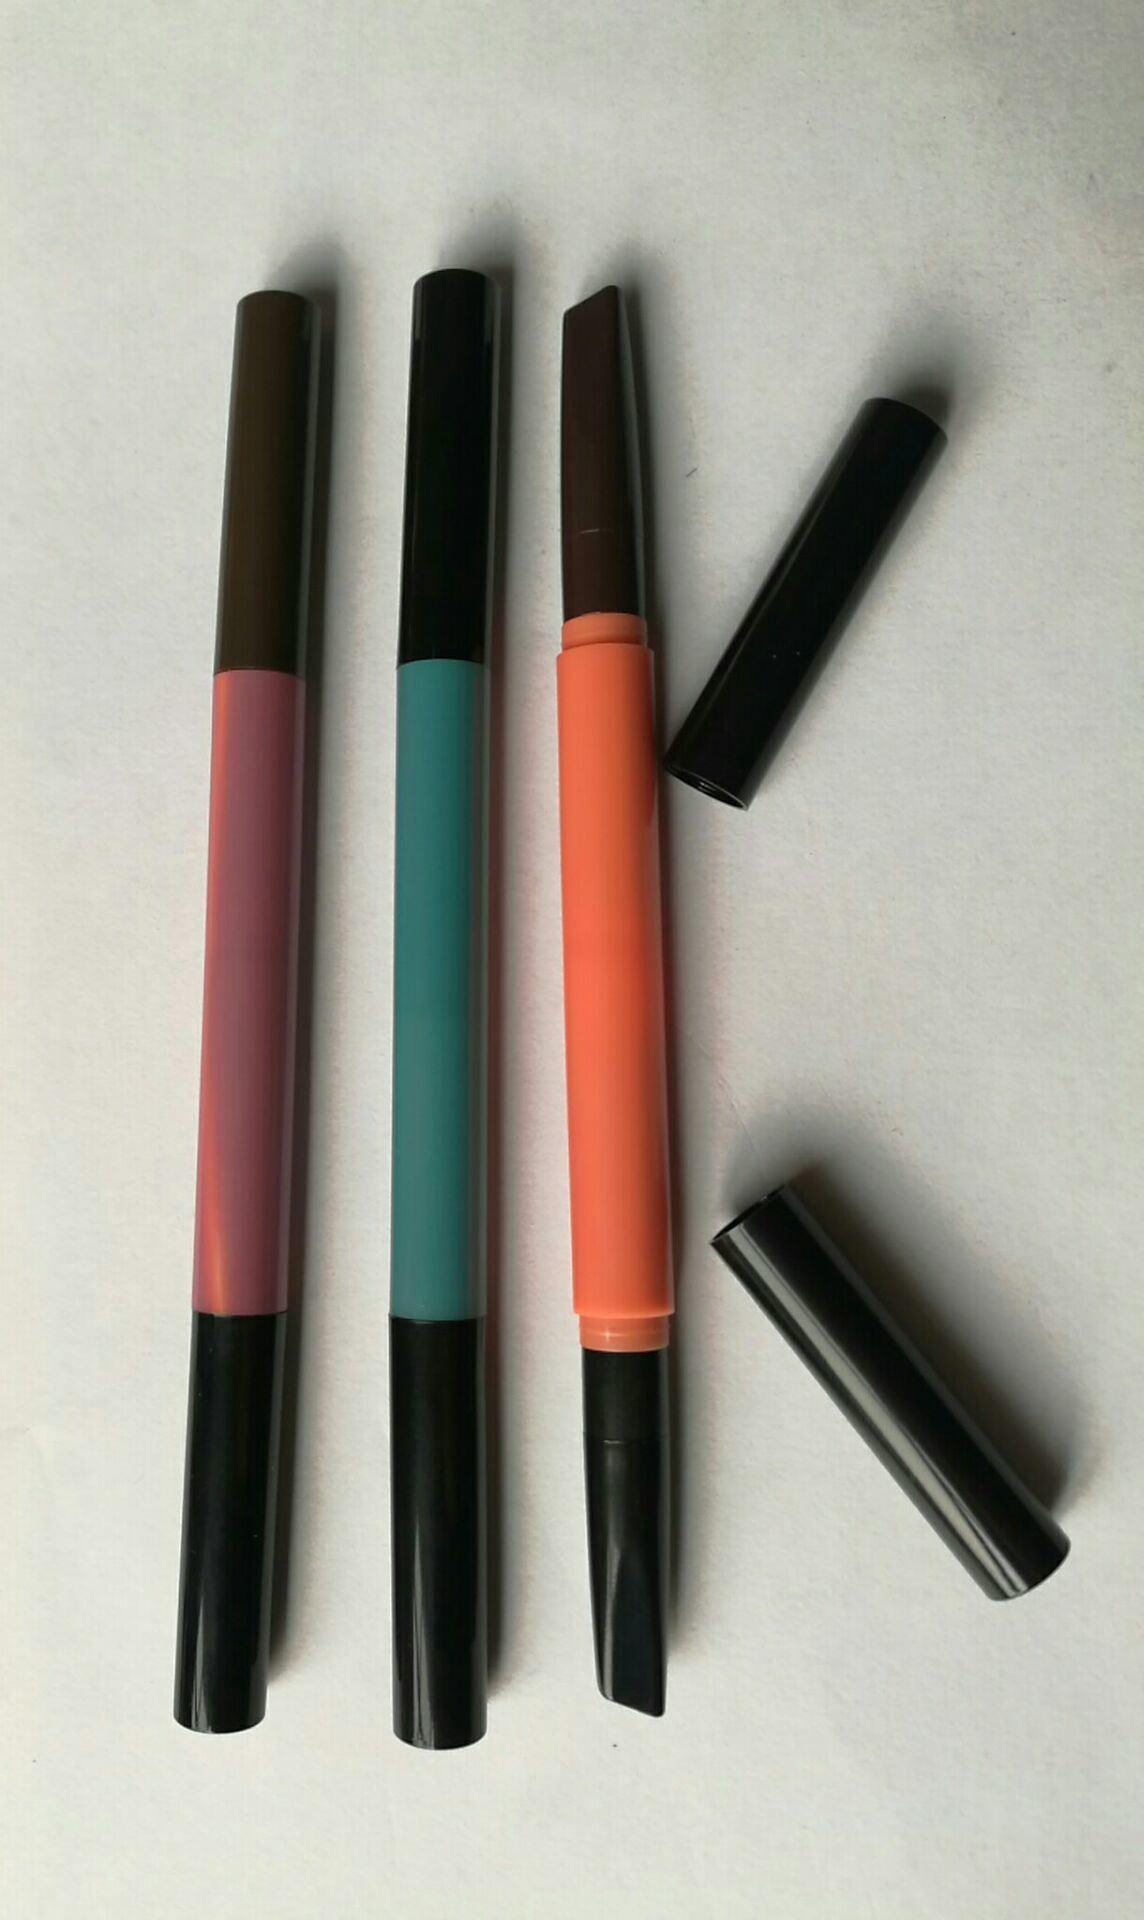 Double Waterproof Eyebrow Pencil Packaging